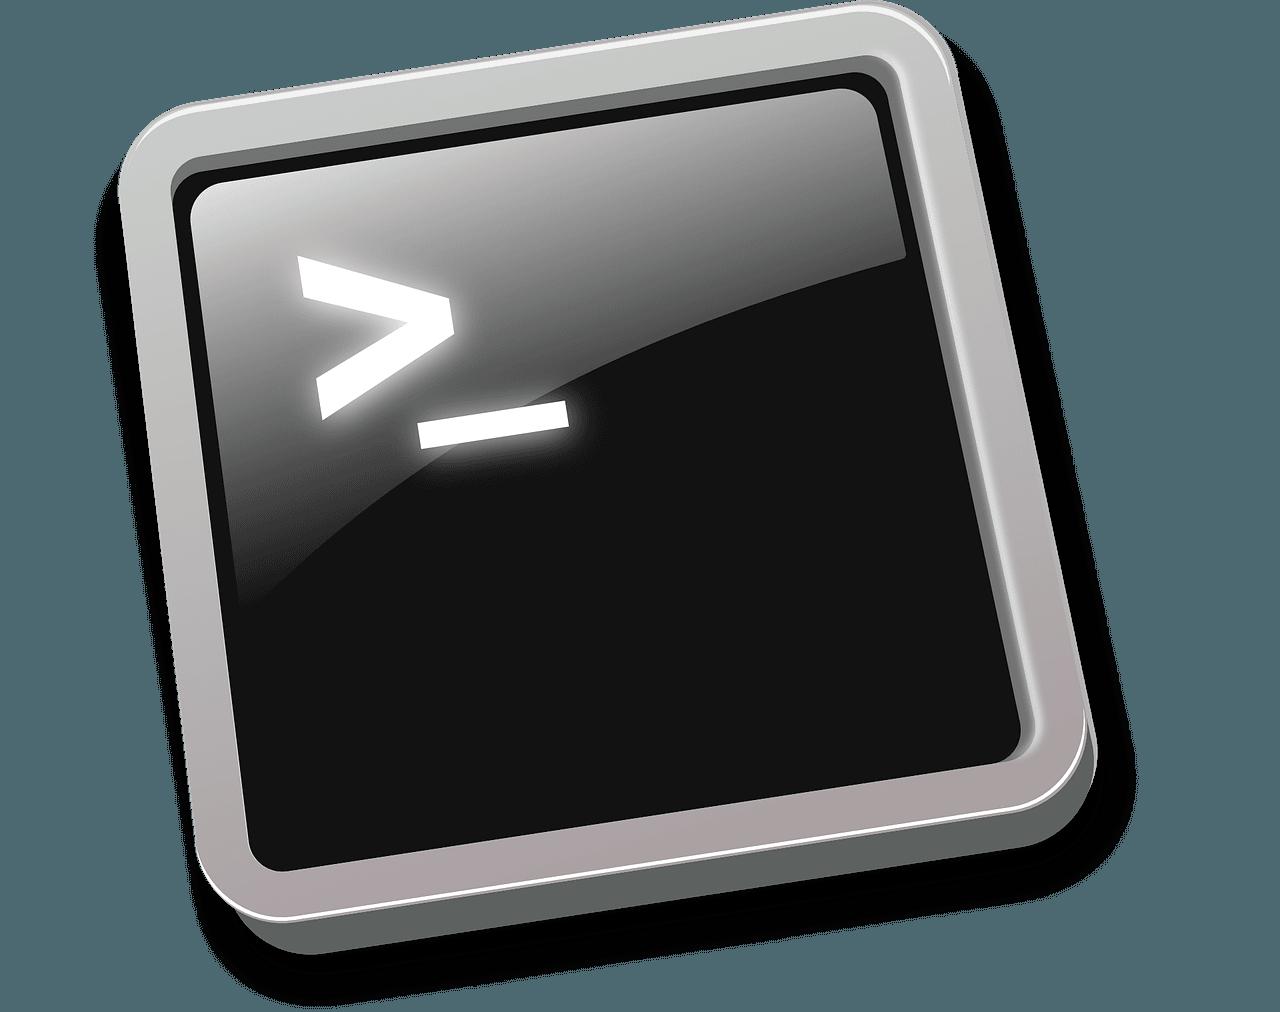 Cómo cambiar el color del texto en aplicaciones de consola de PHP